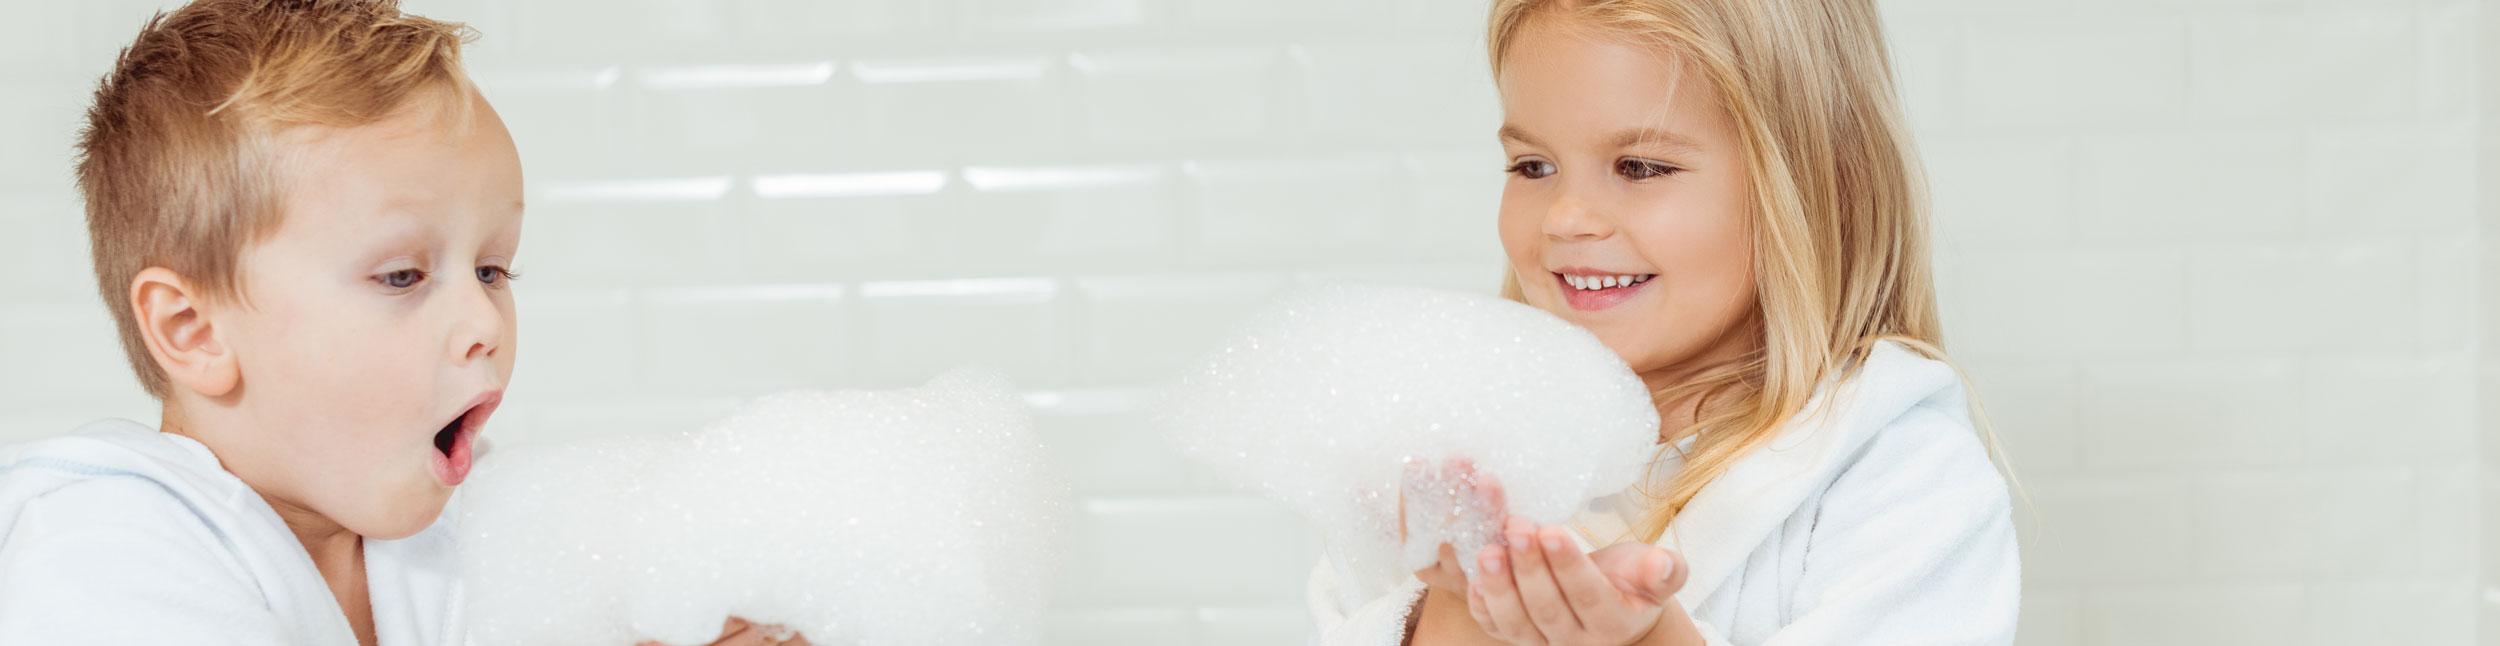 Zwei Kinder spielen mit Schaum im frisch renovierten Badezimmer